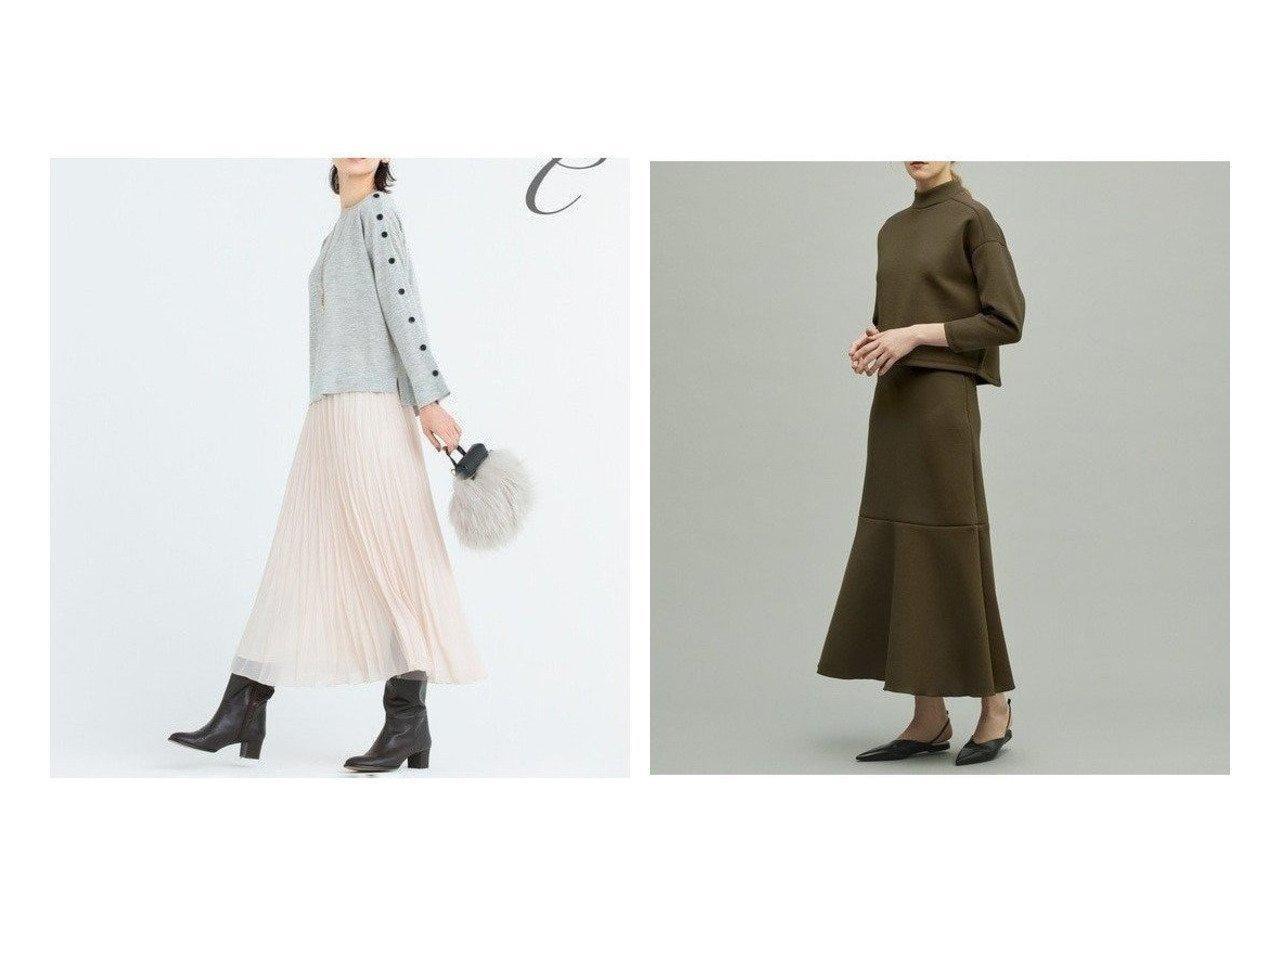 【JIYU-KU/自由区】の【Class Lounge】SHINY CHIFFON ロング プリーツ スカート&【uncrave/アンクレイヴ】のスポンジージャージー スカート スカートのおすすめ!人気、トレンド・レディースファッションの通販 おすすめで人気の流行・トレンド、ファッションの通販商品 メンズファッション・キッズファッション・インテリア・家具・レディースファッション・服の通販 founy(ファニー) https://founy.com/ ファッション Fashion レディースファッション WOMEN スカート Skirt プリーツスカート Pleated Skirts コレクション シフォン フォルム プリーツ ロング A/W 秋冬 AW Autumn/Winter / FW Fall-Winter 2020年 2020 2020-2021 秋冬 A/W AW Autumn/Winter / FW Fall-Winter 2020-2021 送料無料 Free Shipping 再入荷 Restock/Back in Stock/Re Arrival  ID:crp329100000012435